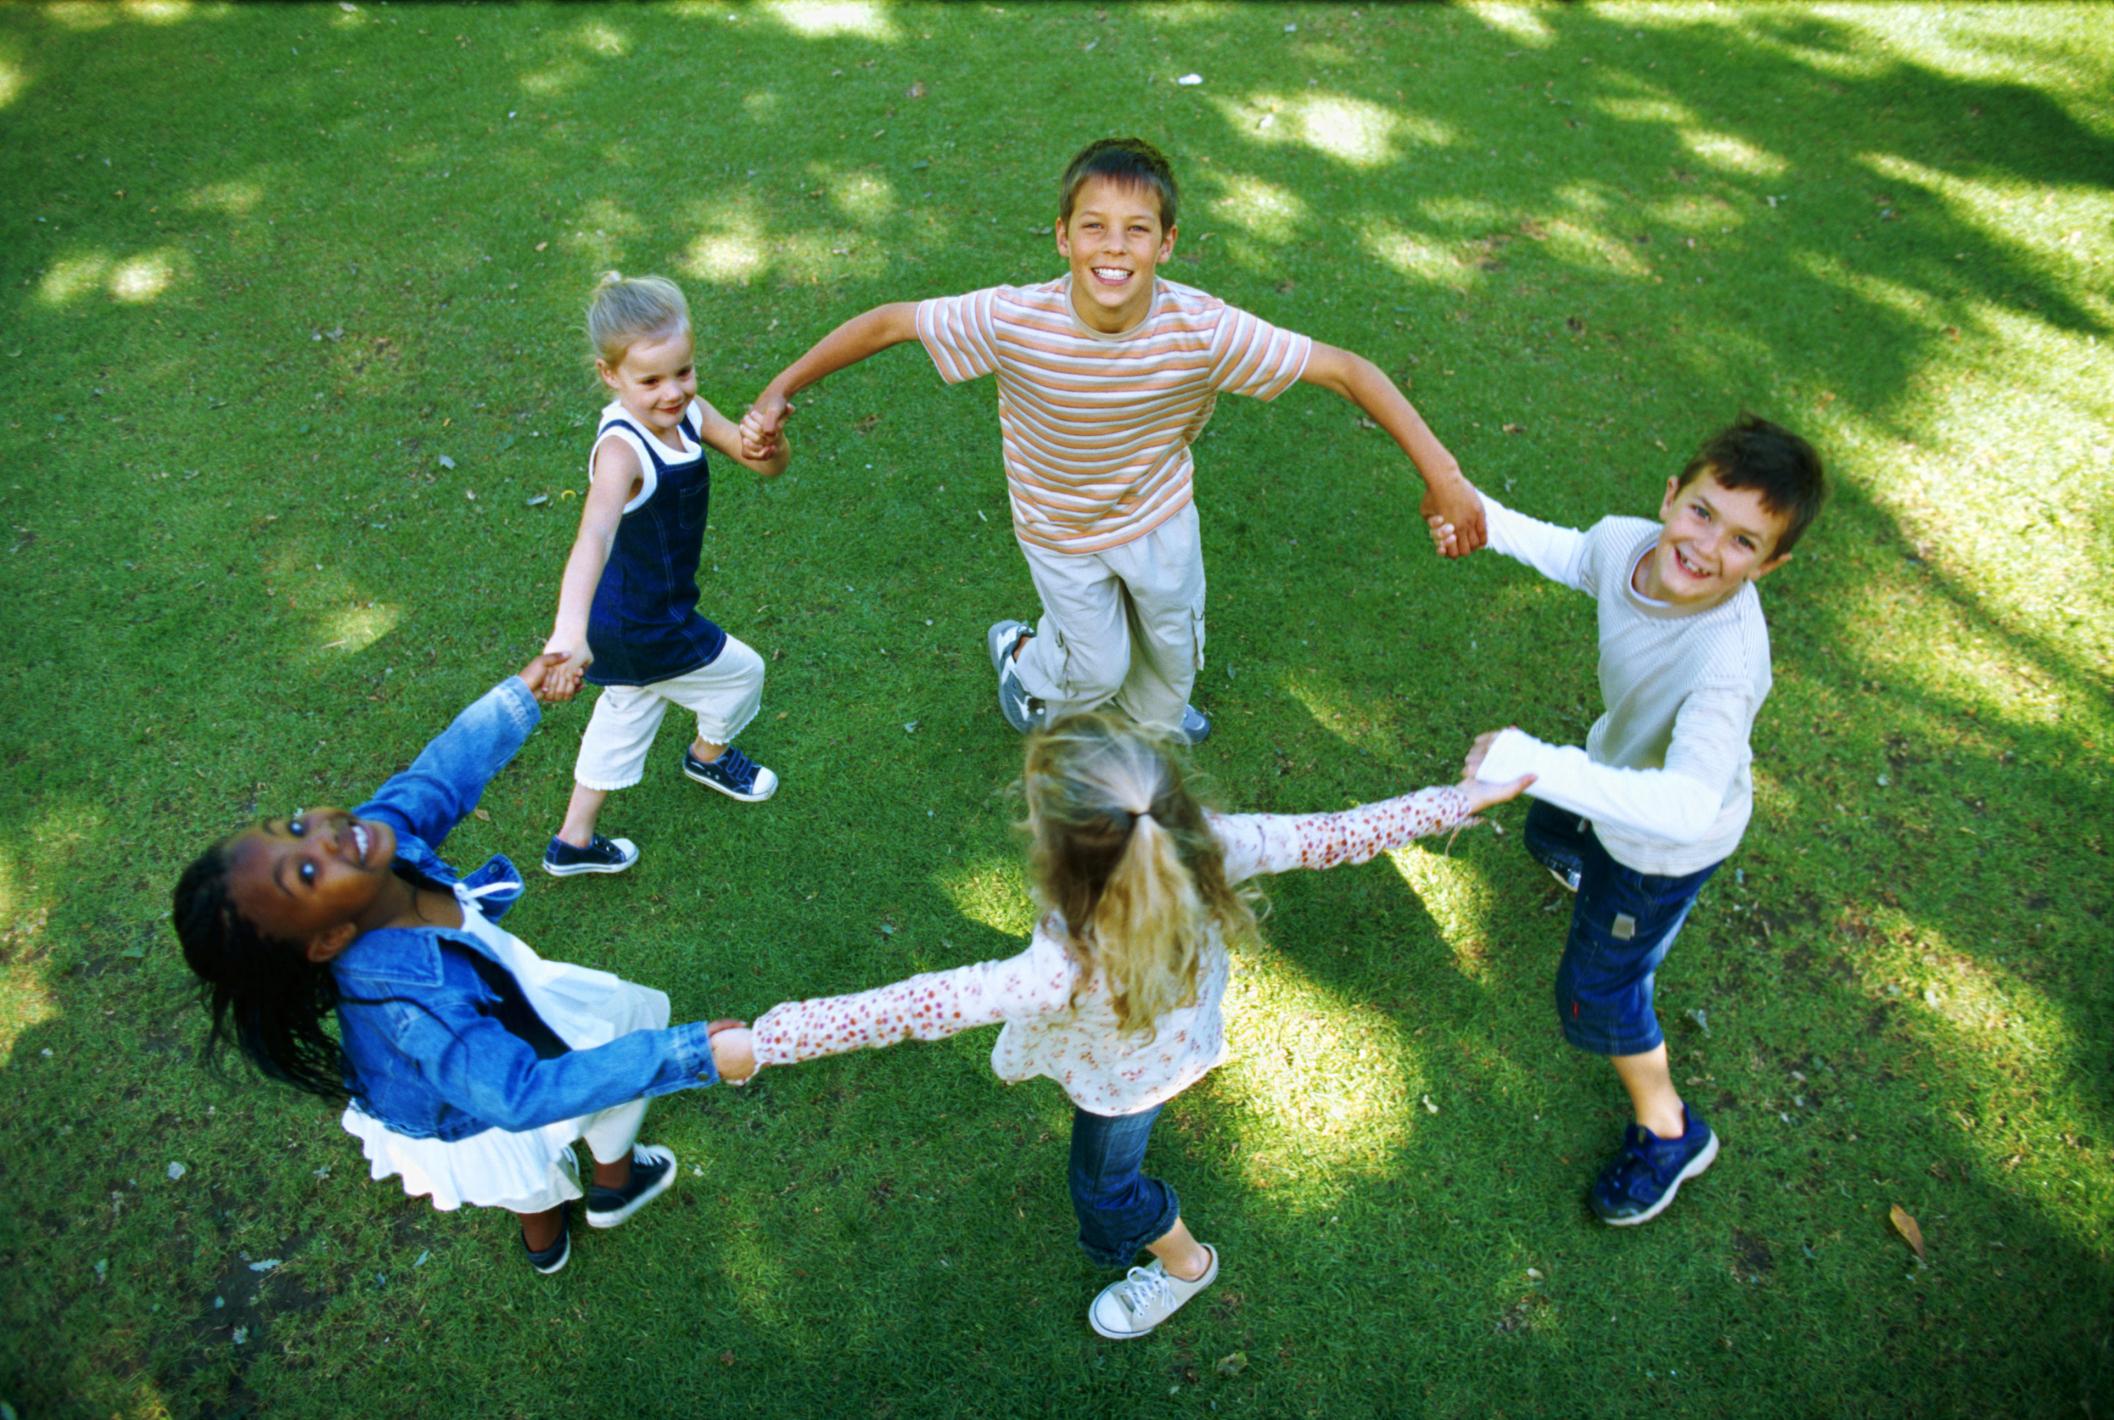 Children S Leisure Activities